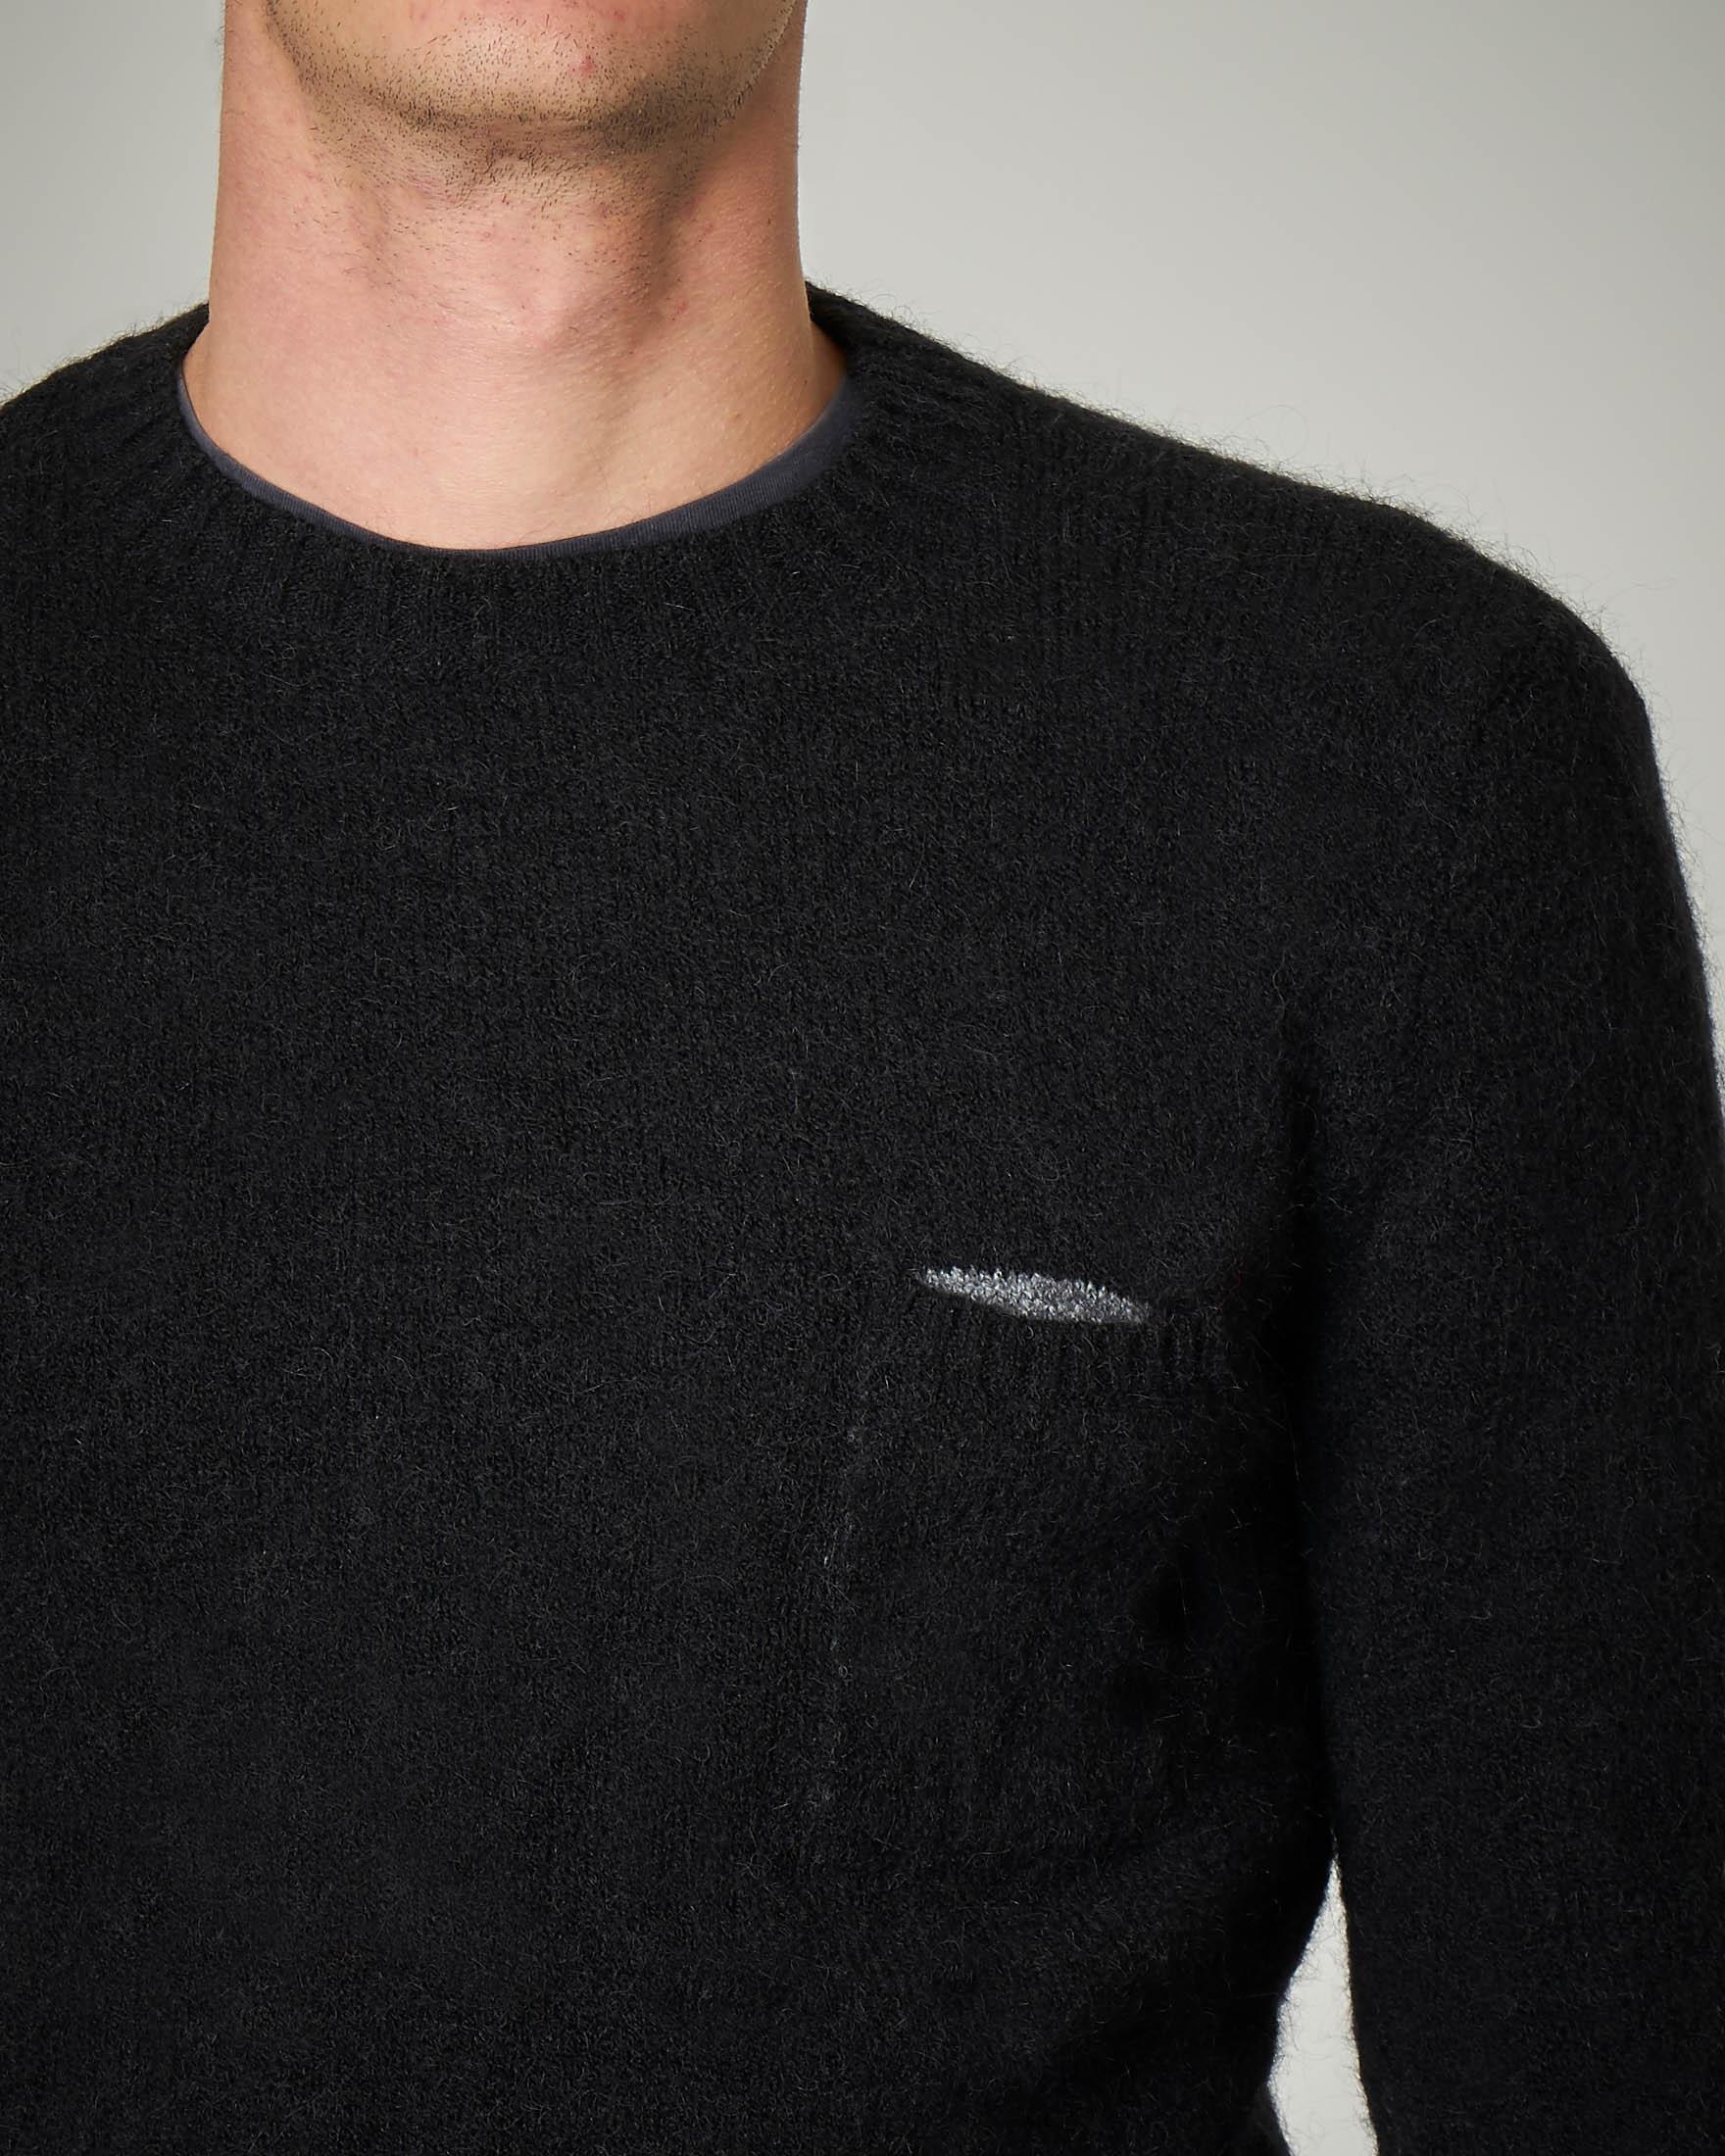 Maglia nera con taschino e patch